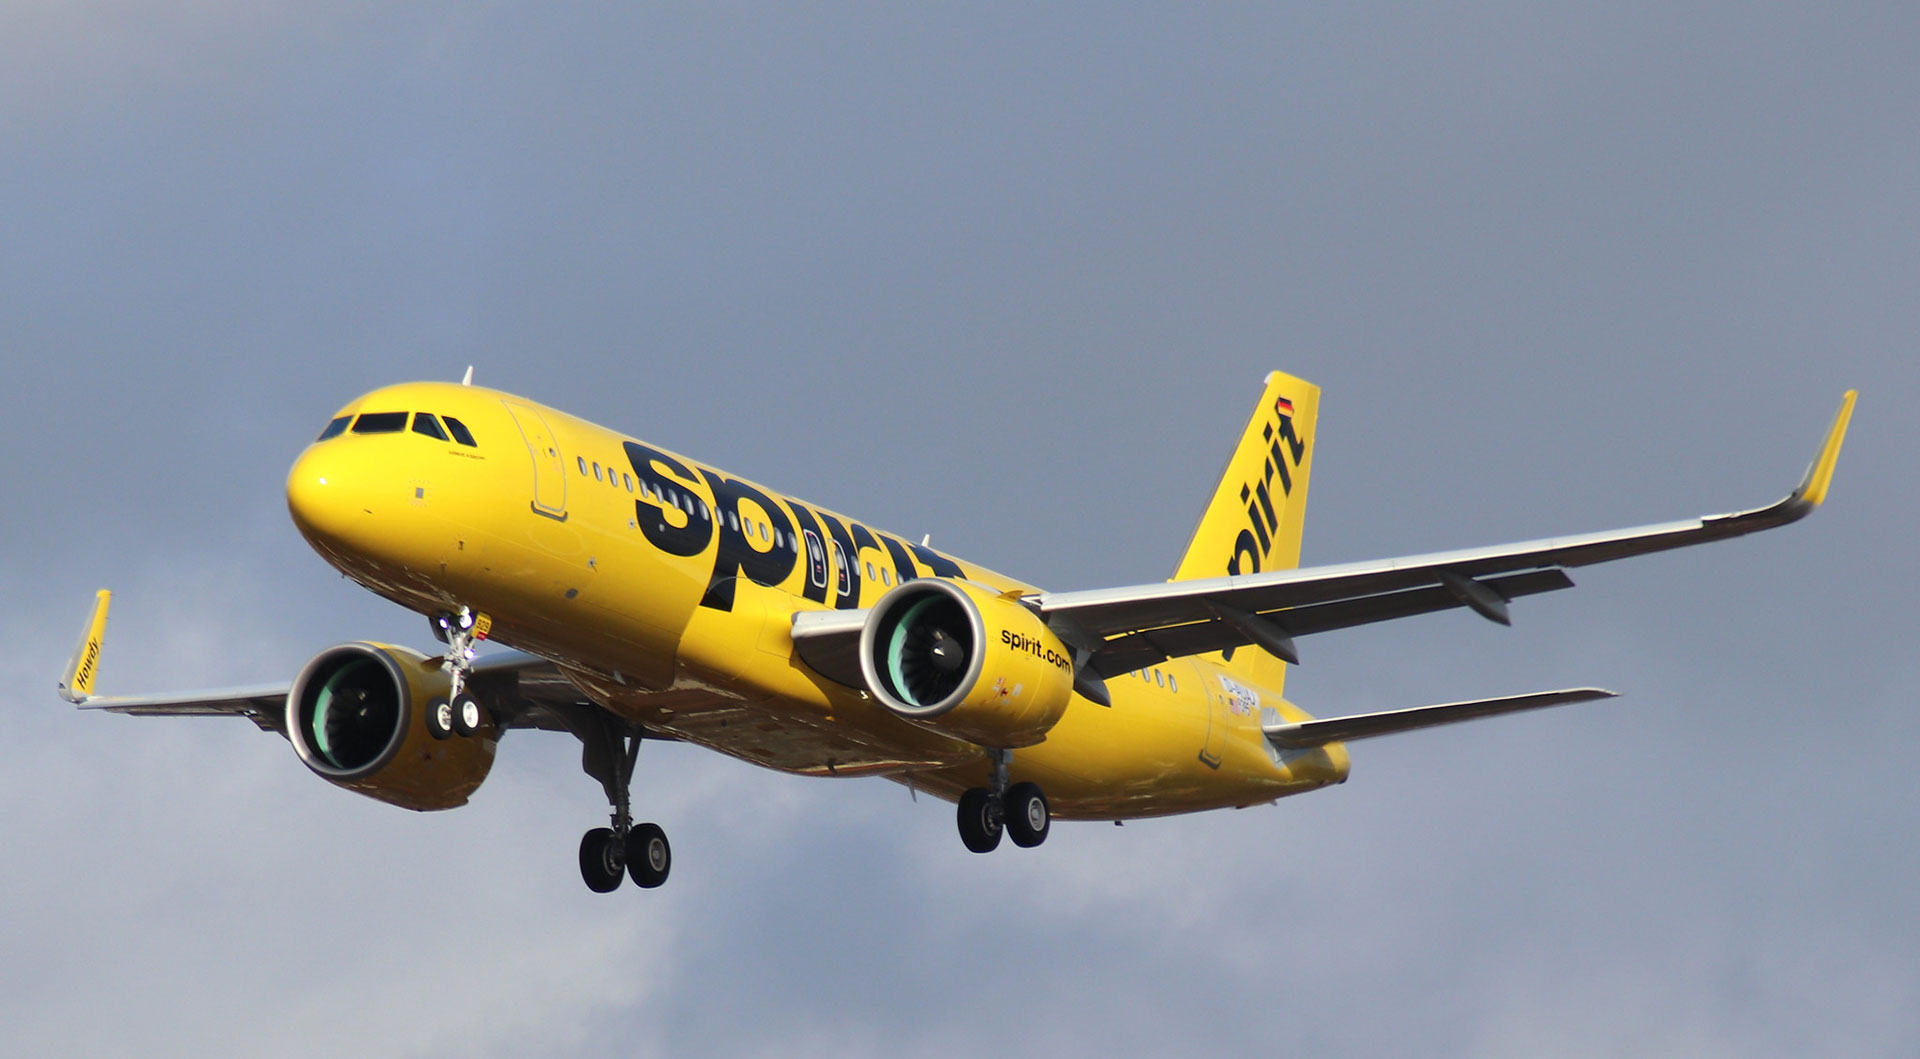 Spirit Airlines Flight tracker